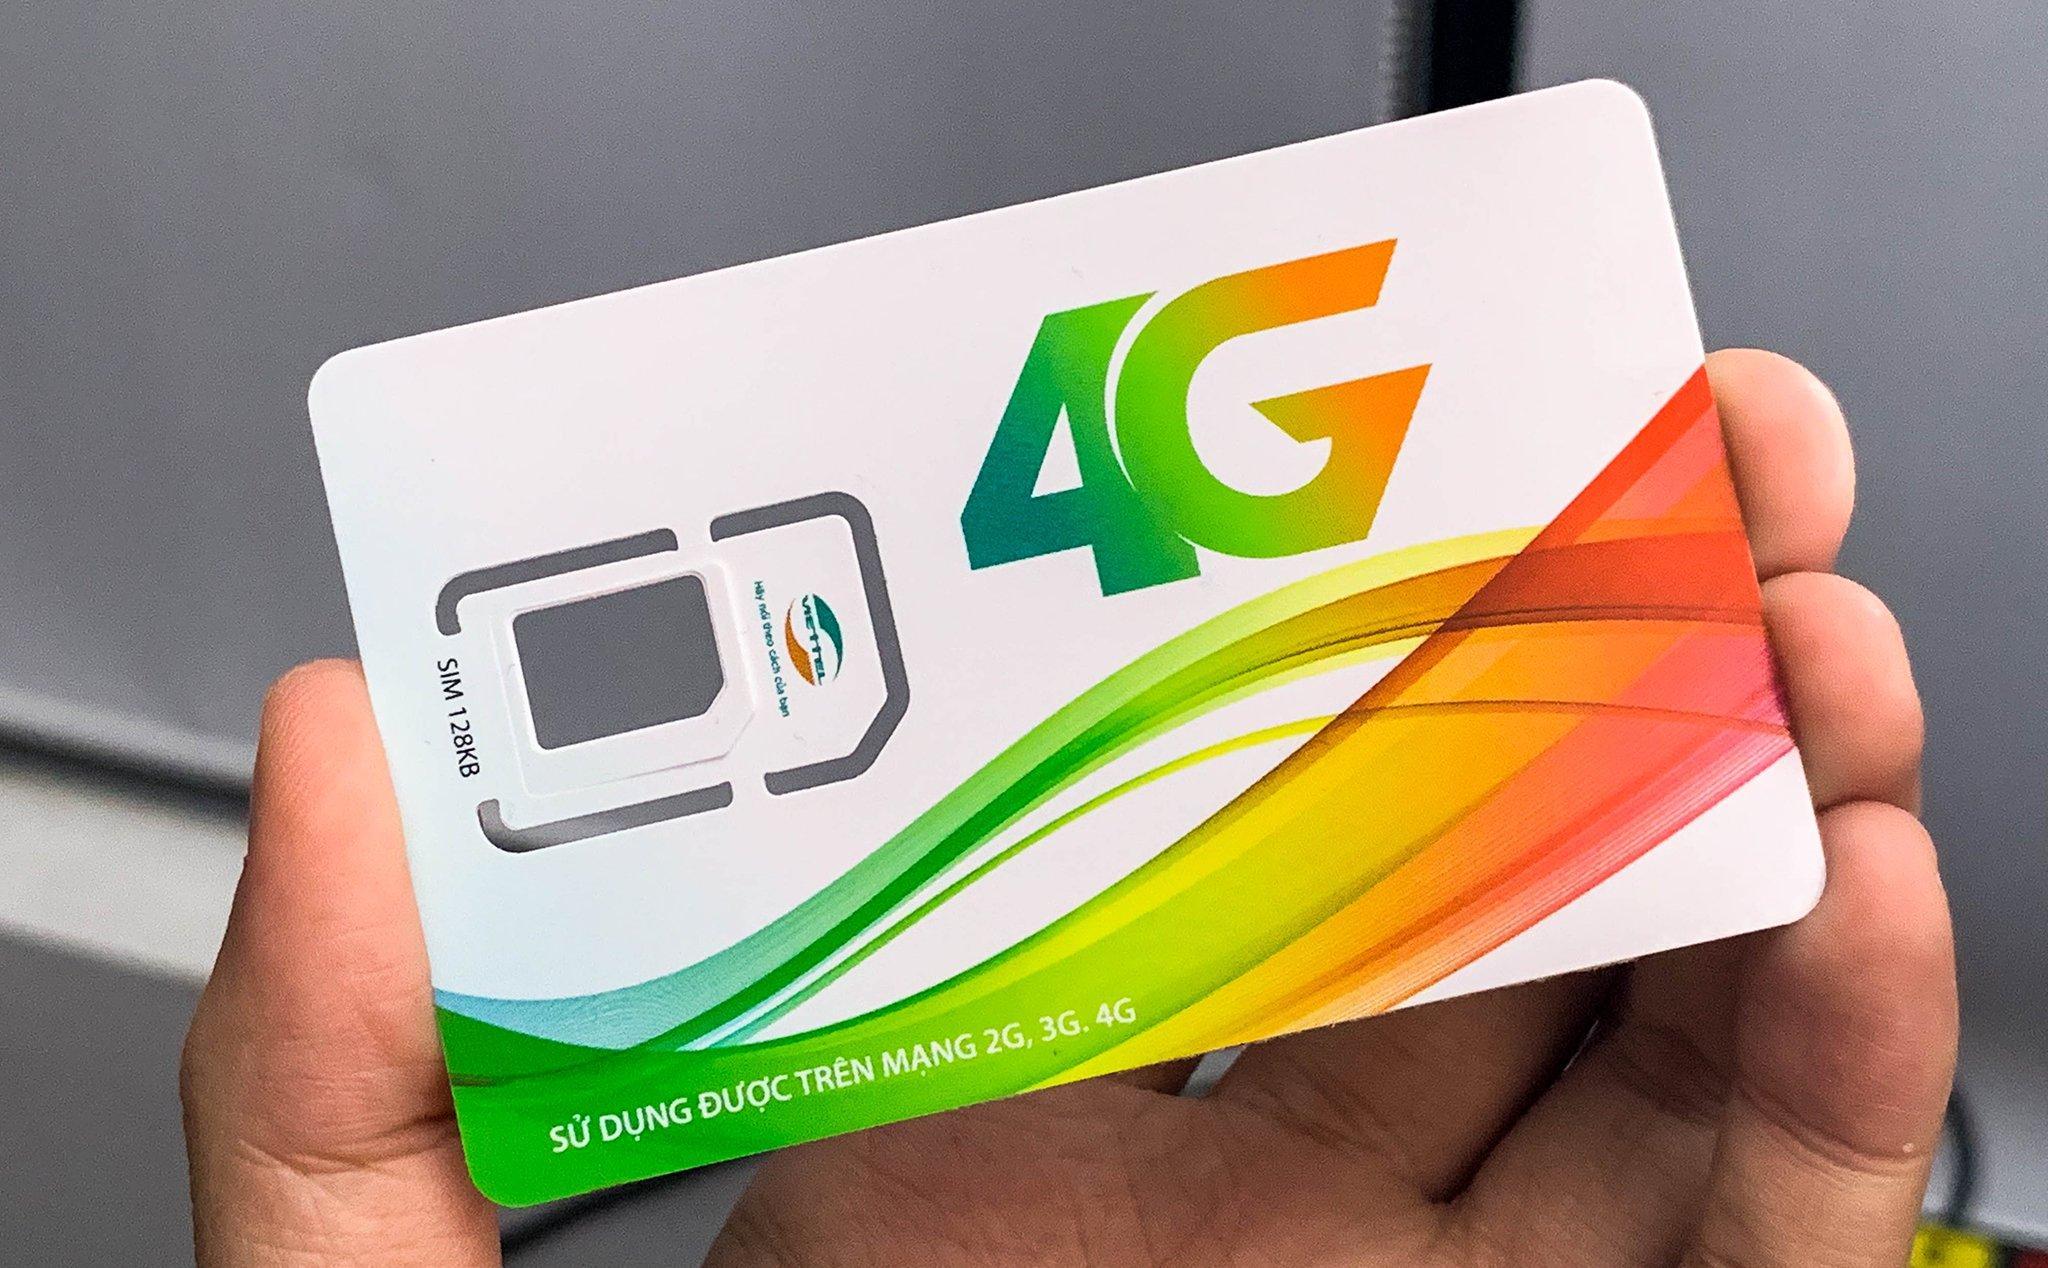 Giá Sim 4G 10 số  Viettel F90 miễn phí gọi nội mạng,tin nhắn .5GB/tháng.Sử dụng toàn quốc.